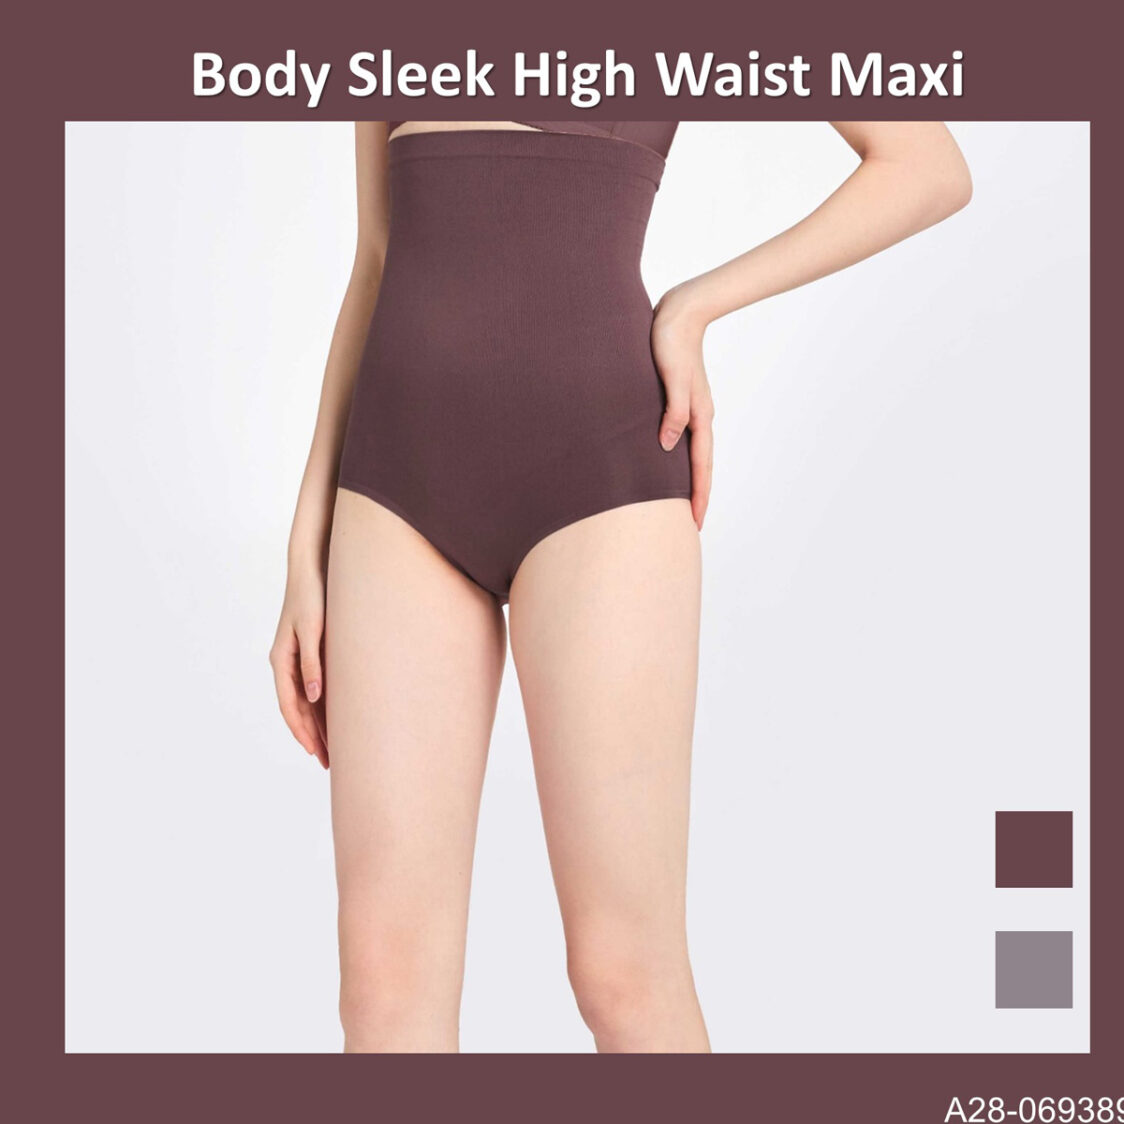 Body Sleek High Waist Maxi A28-069389MBR Mid Brown